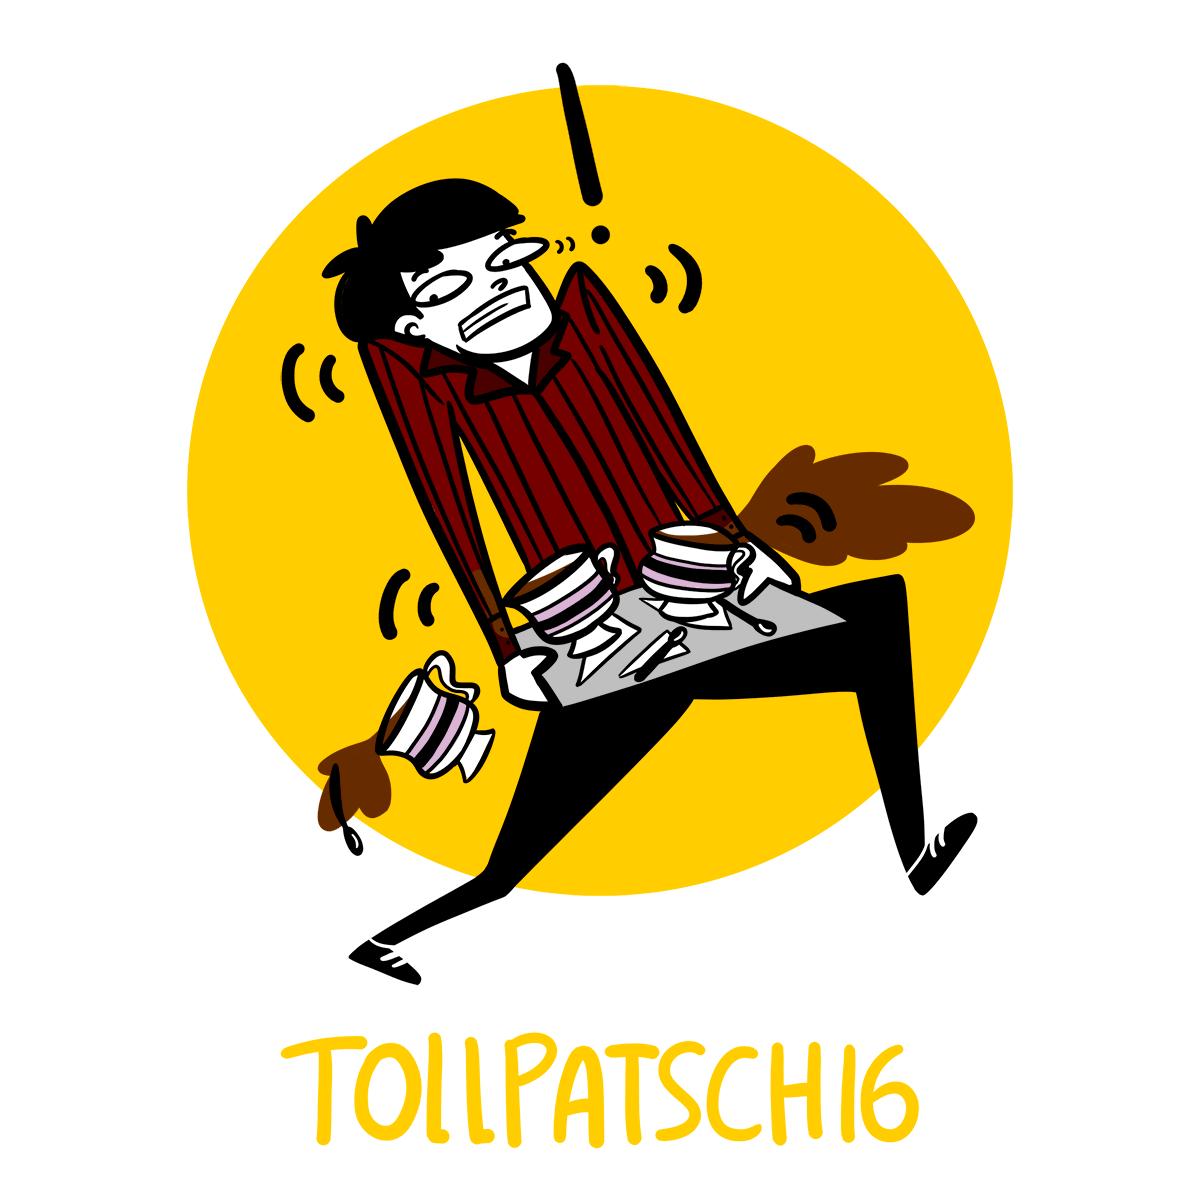 Tollpatschig est un mot allemand particulièrement difficile à traduire en français